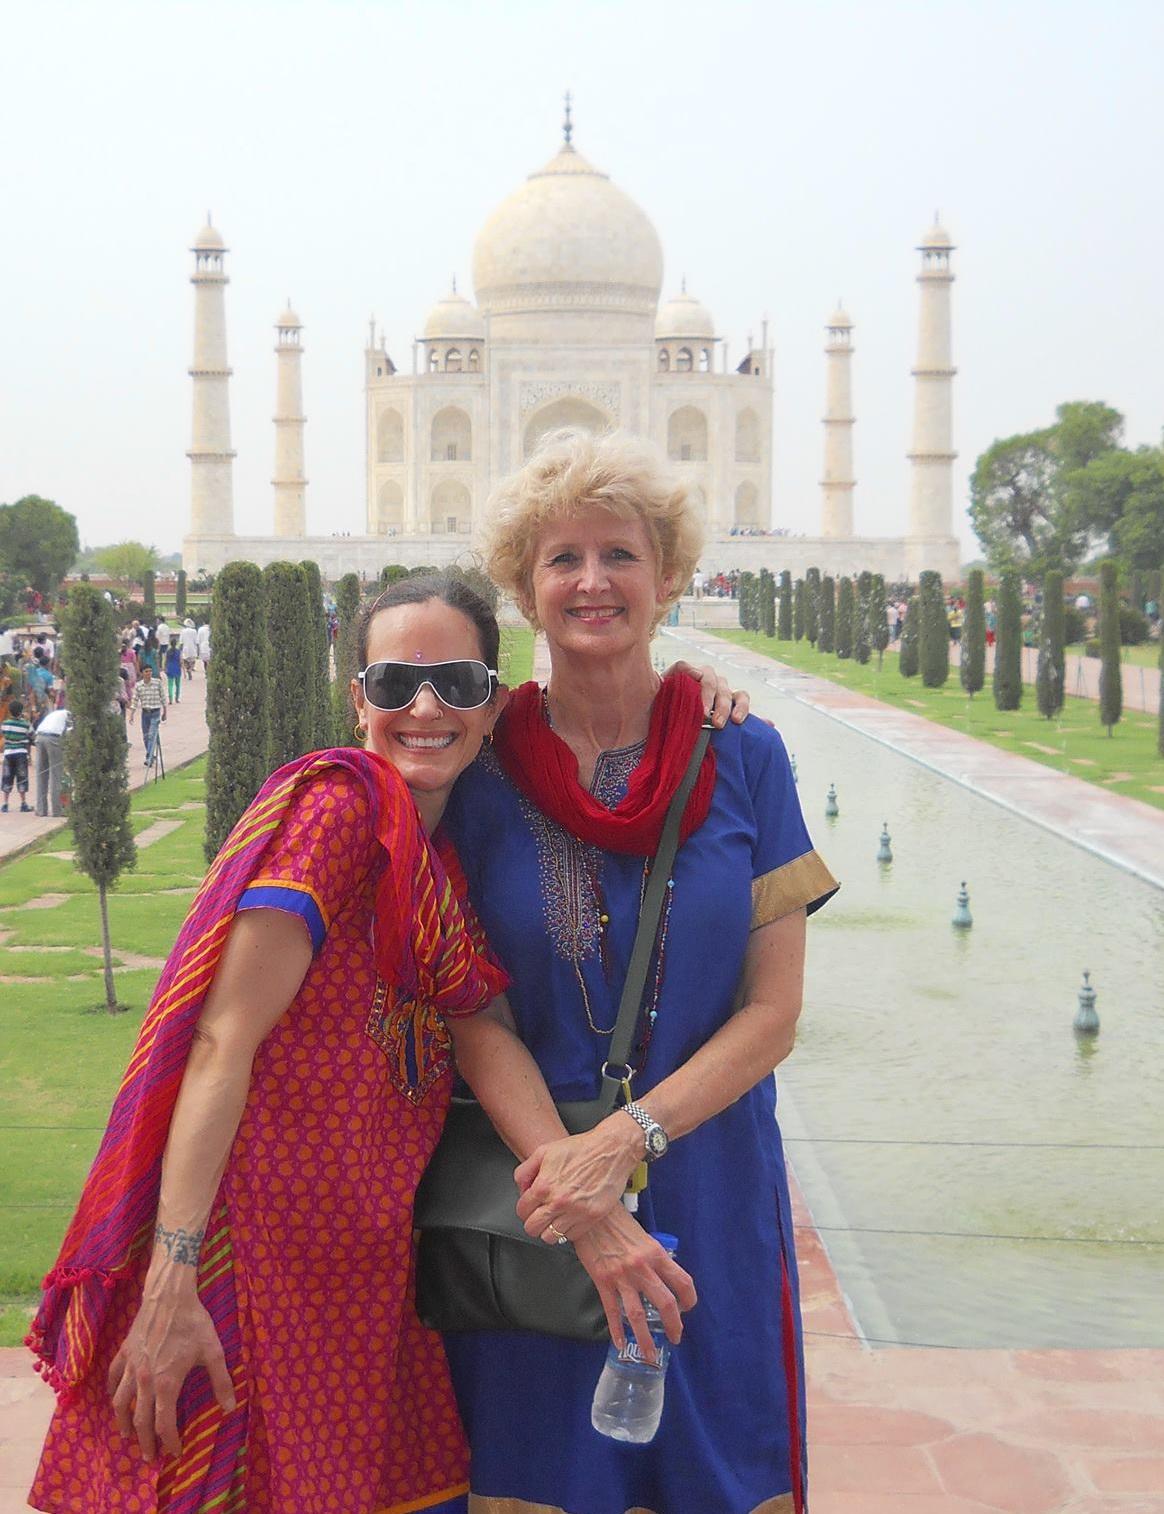 Melia Belli (stanga) a vizitat si Taj Mahal-ul impreuna cu o prietena